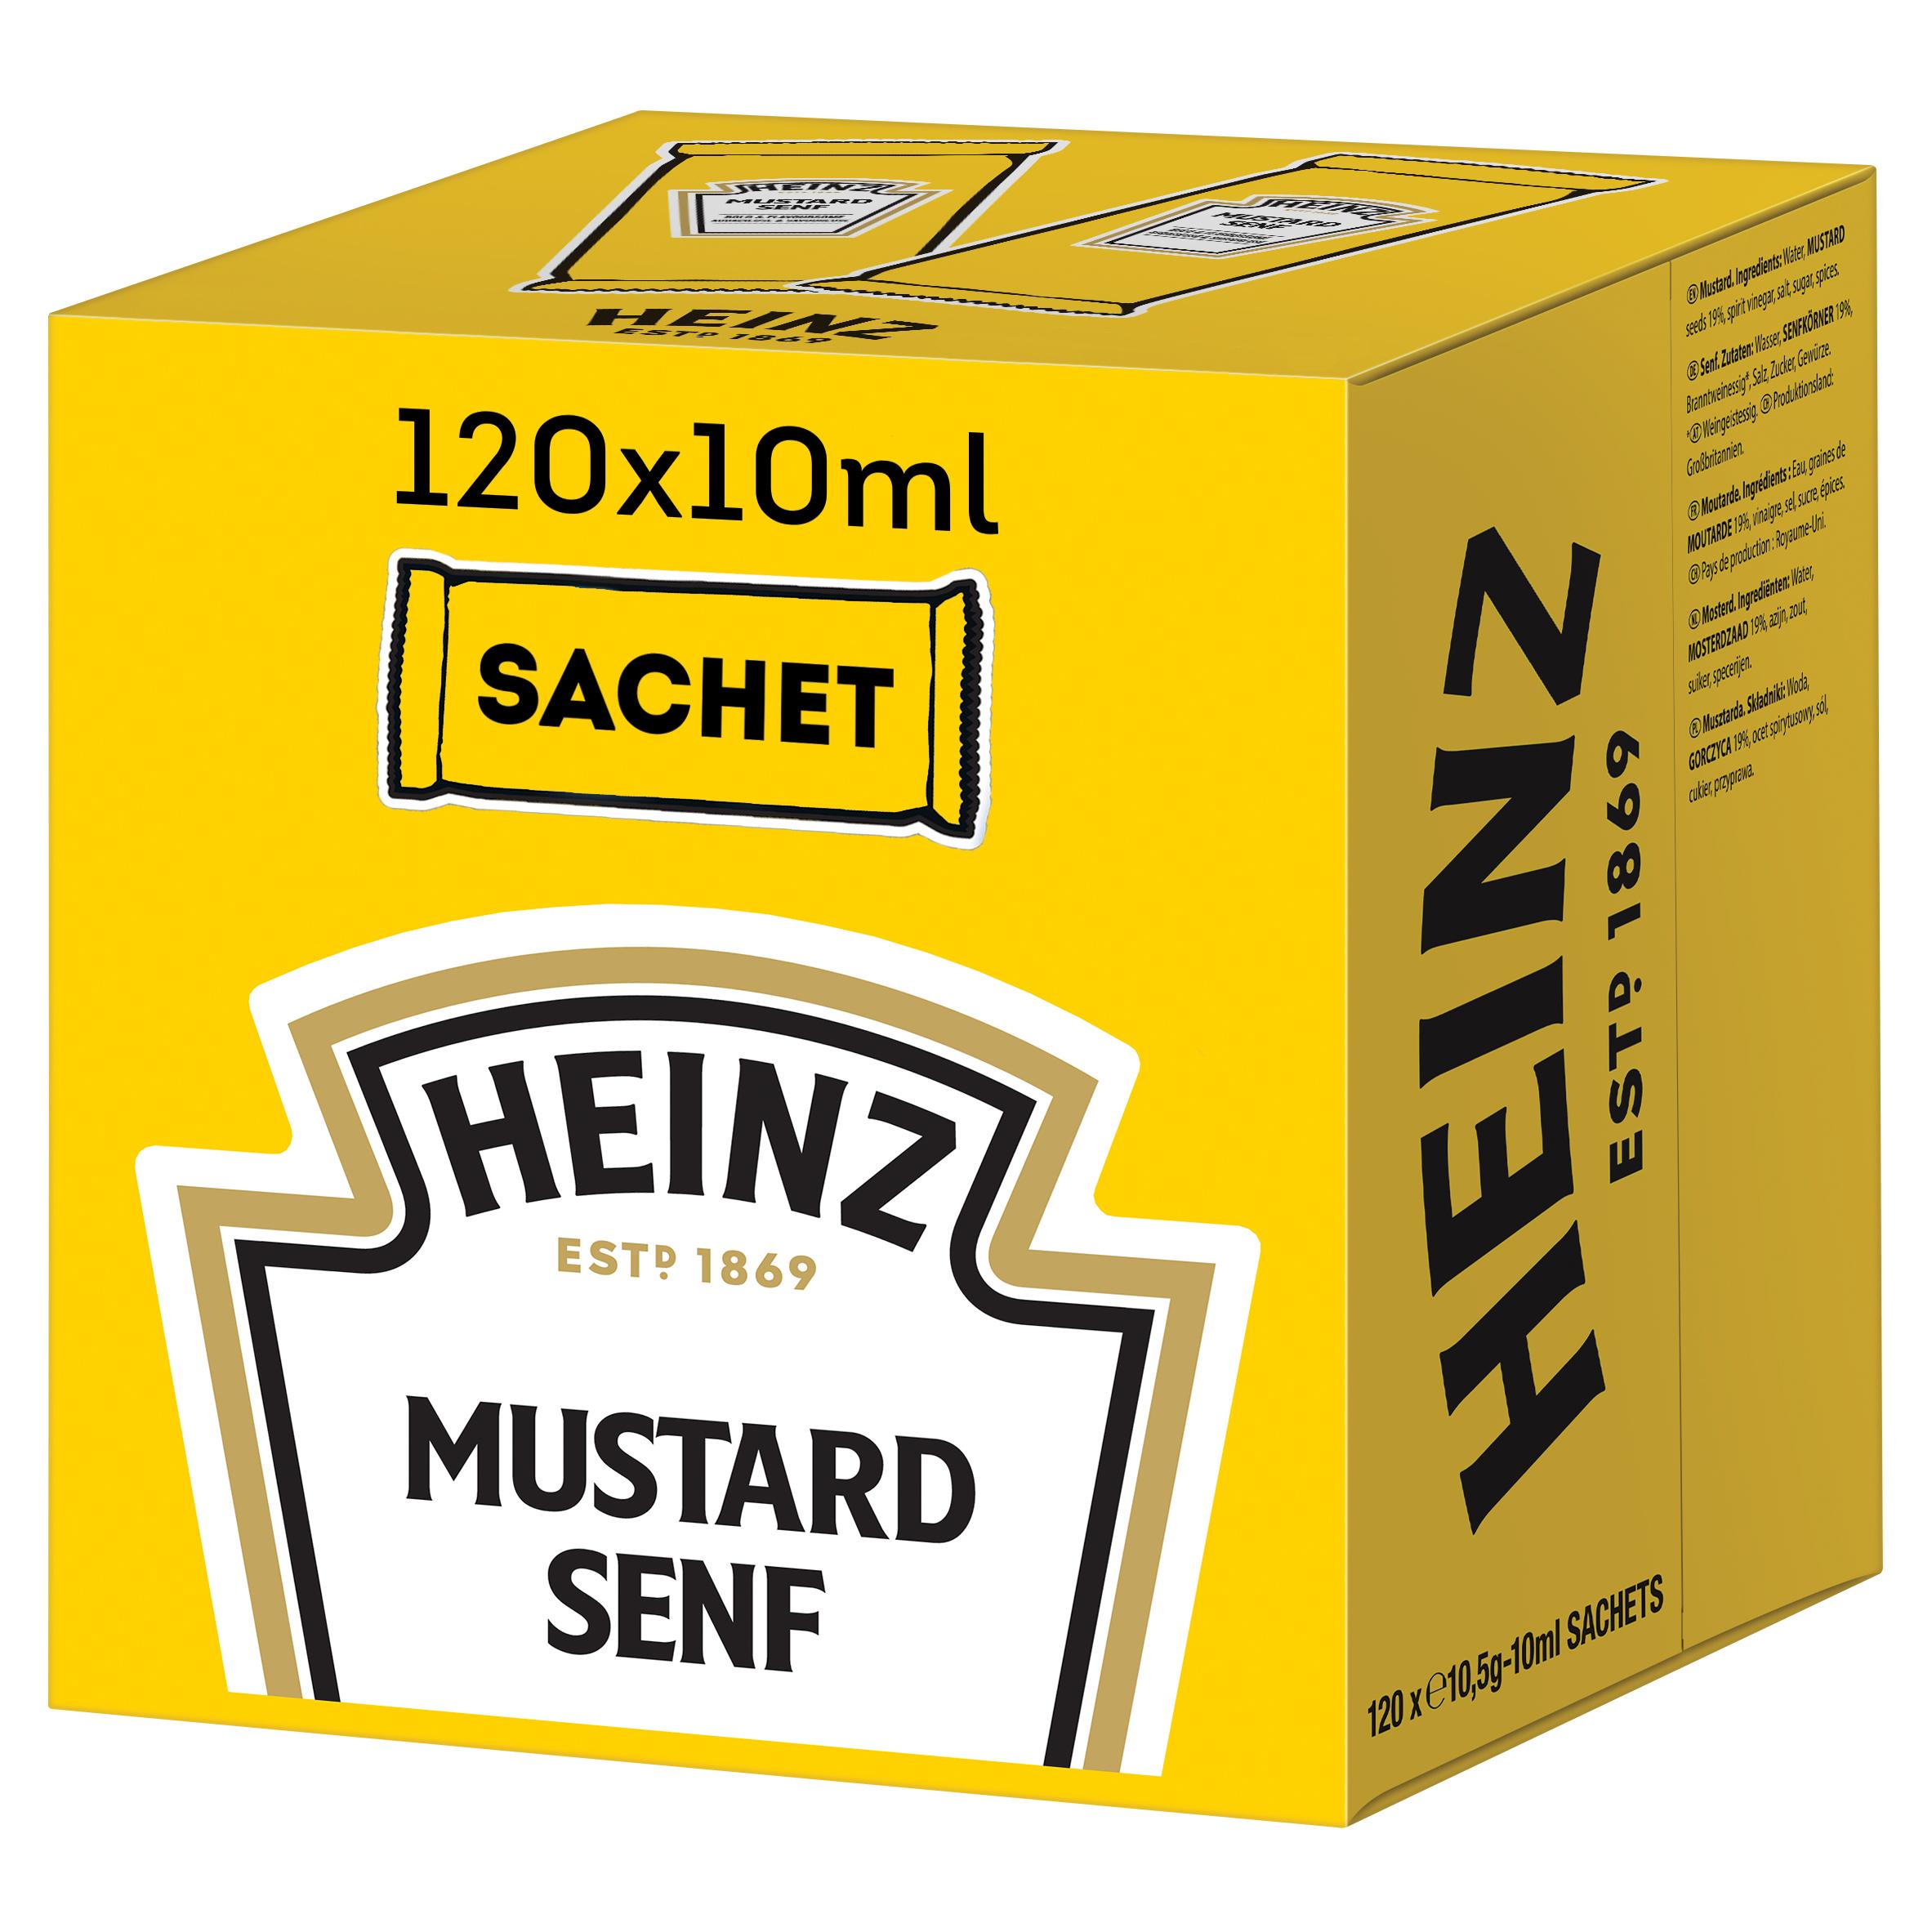 Heinz Mosterd sachets 10ml